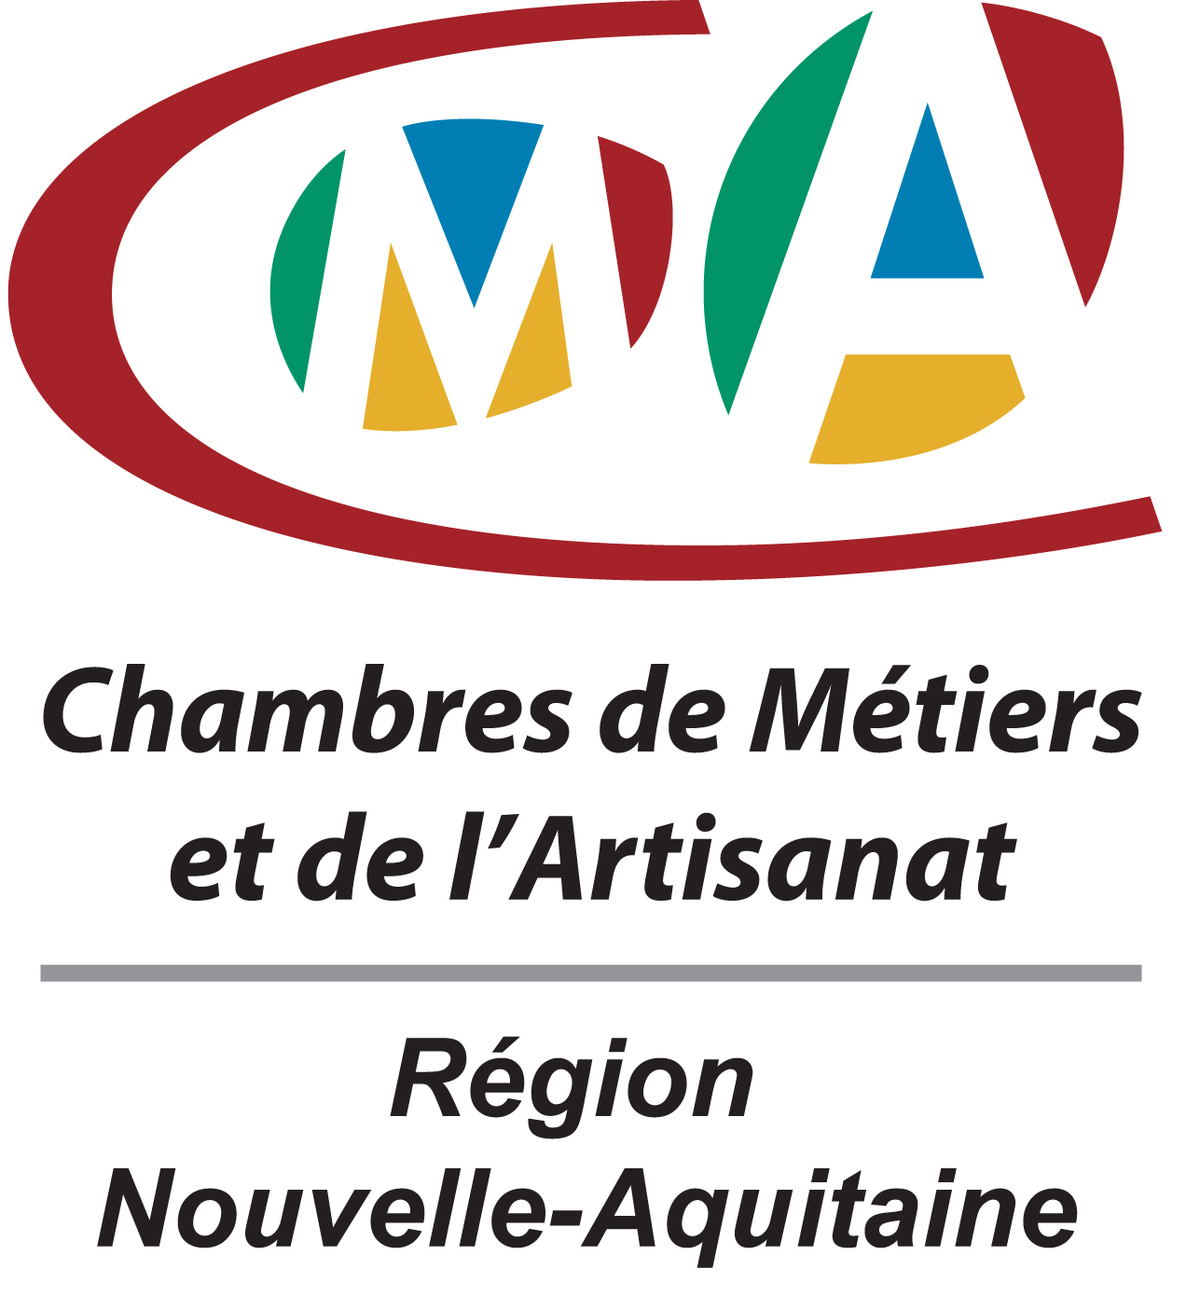 Chambre regionale de metiers et de l 39 artisanat nouvelle - Chambre des metiers et de l artisanat orleans ...